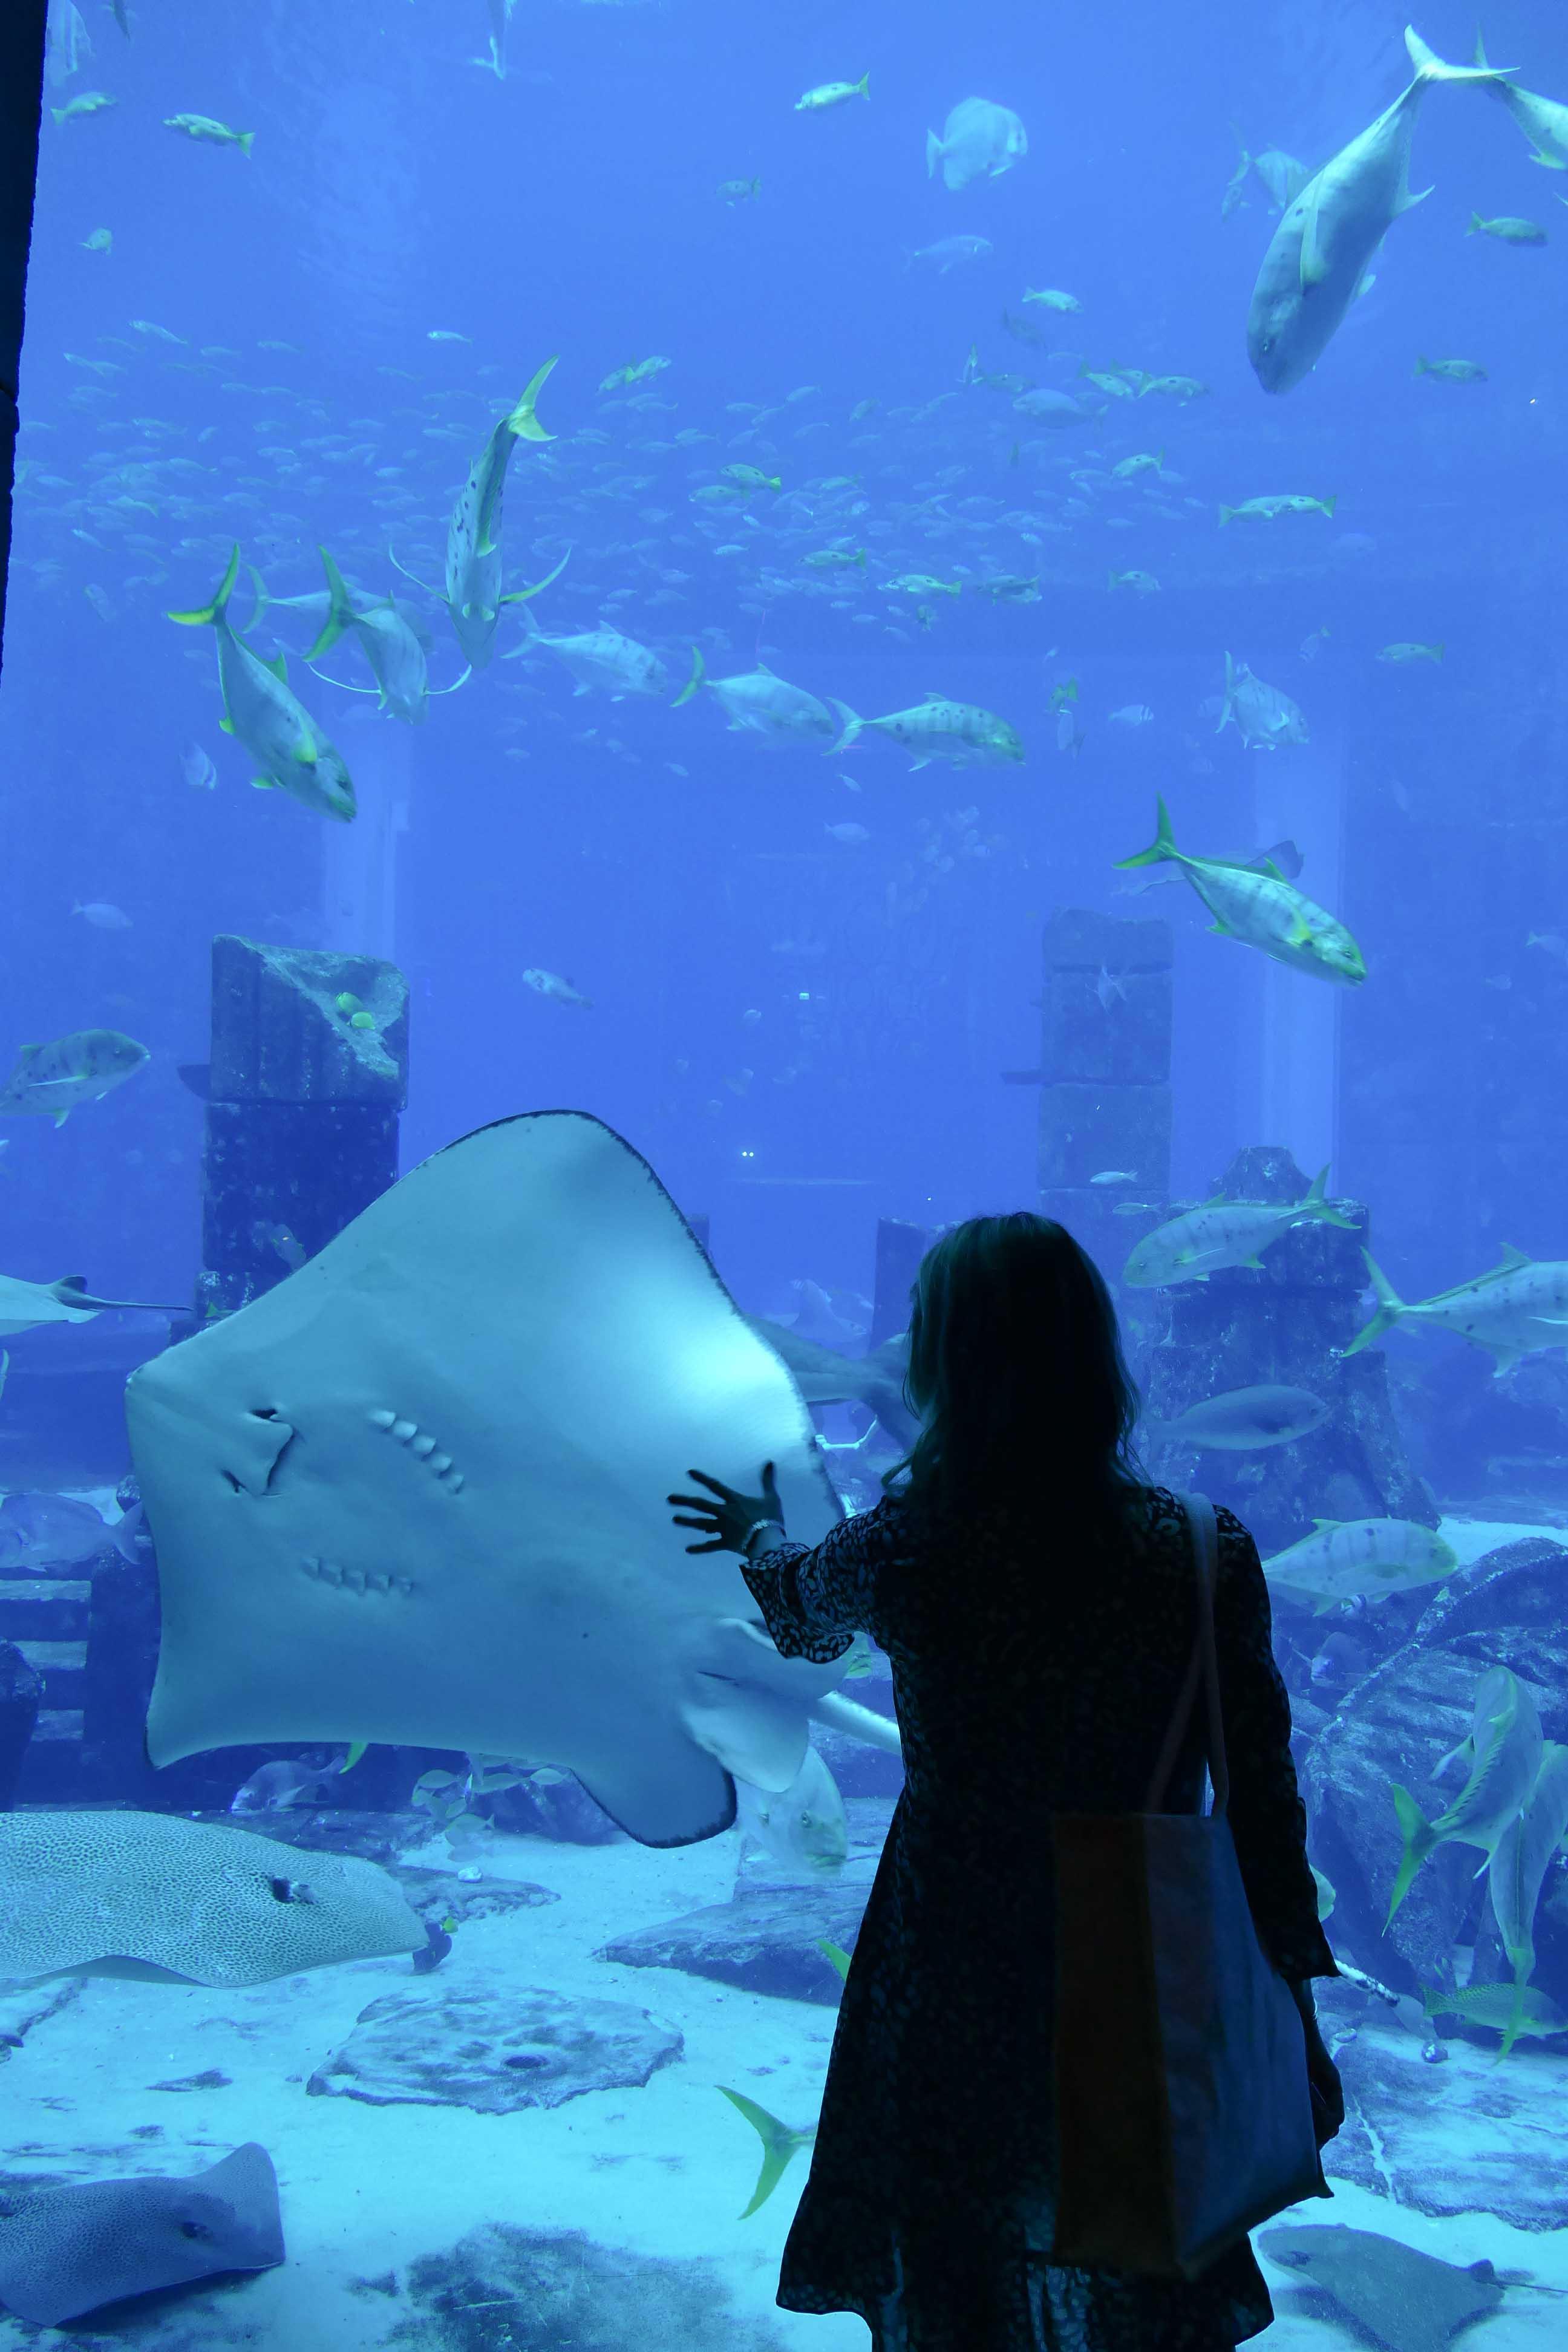 L'aquarium de l 'Atlantis Dubaï